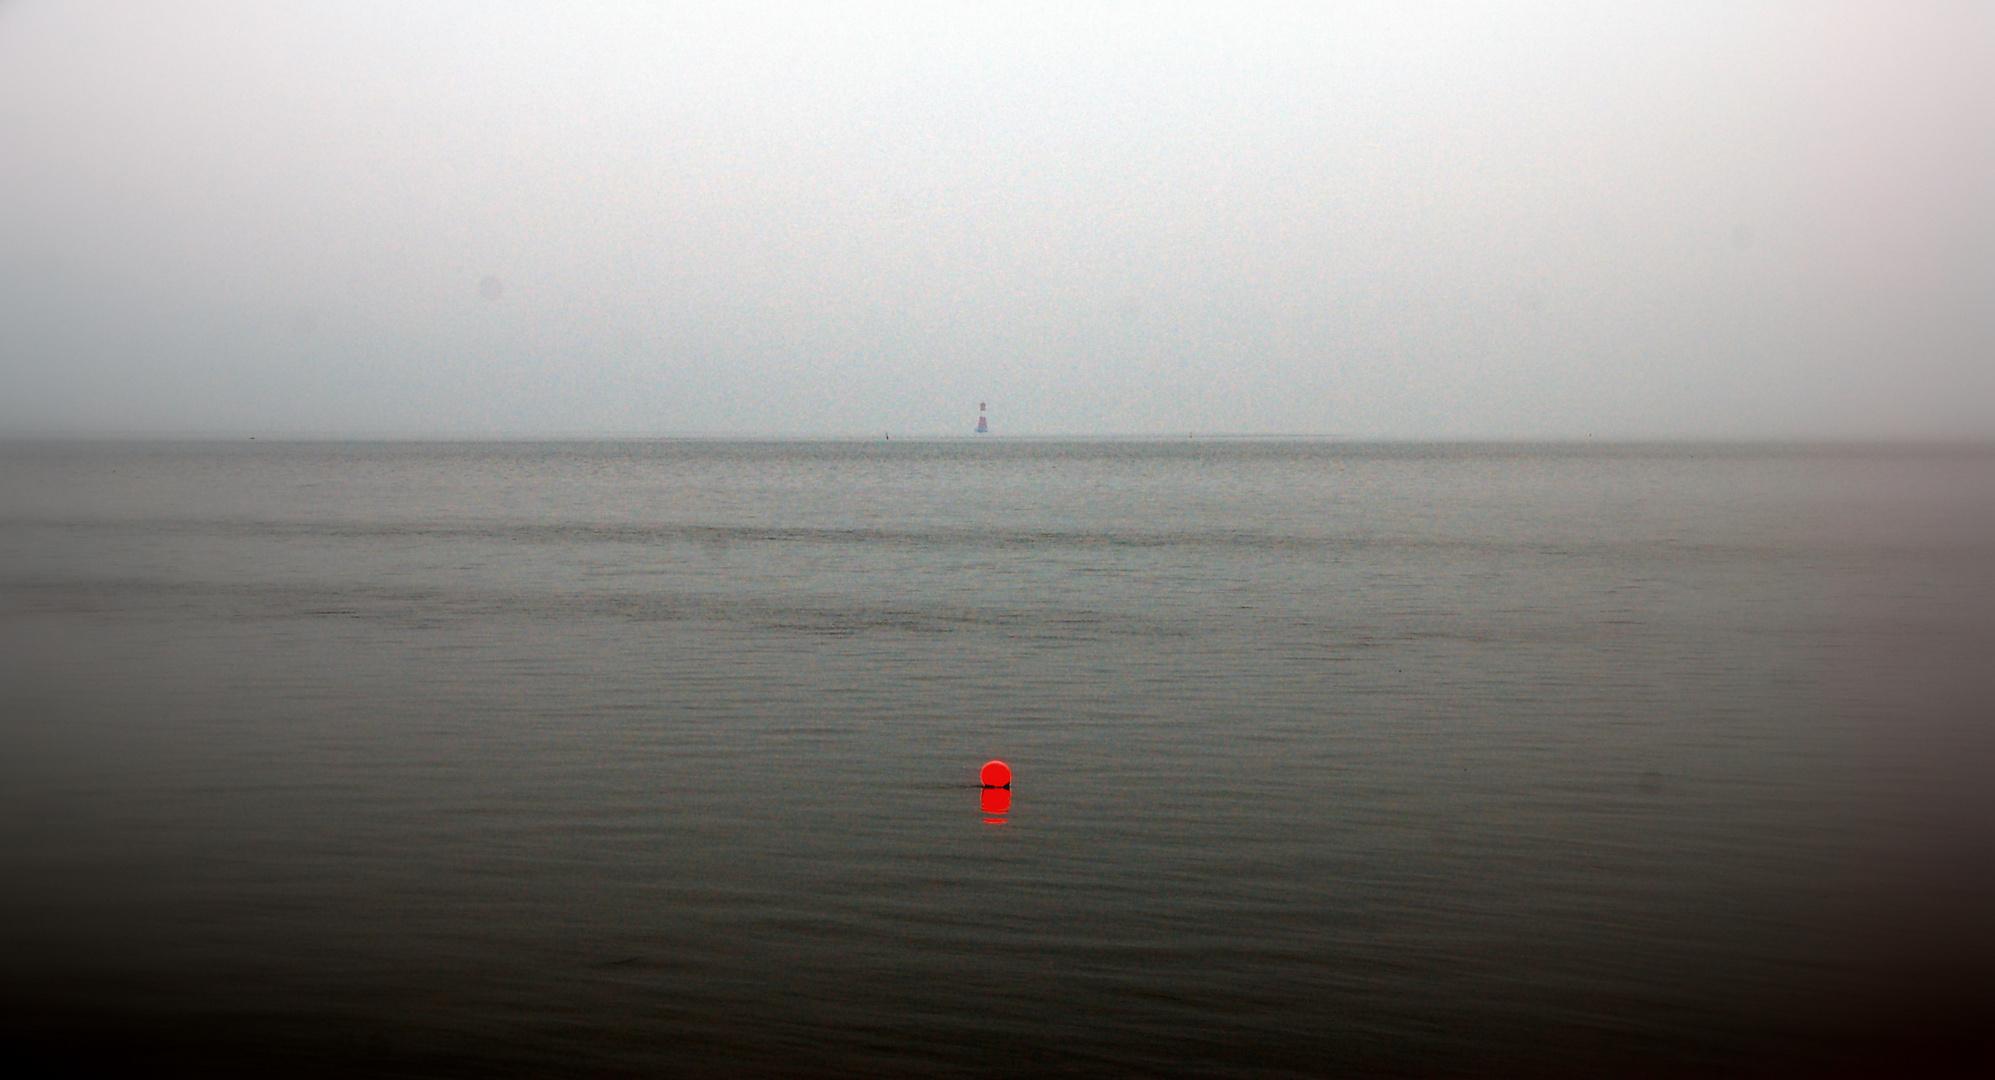 Boje und Leuchtturm